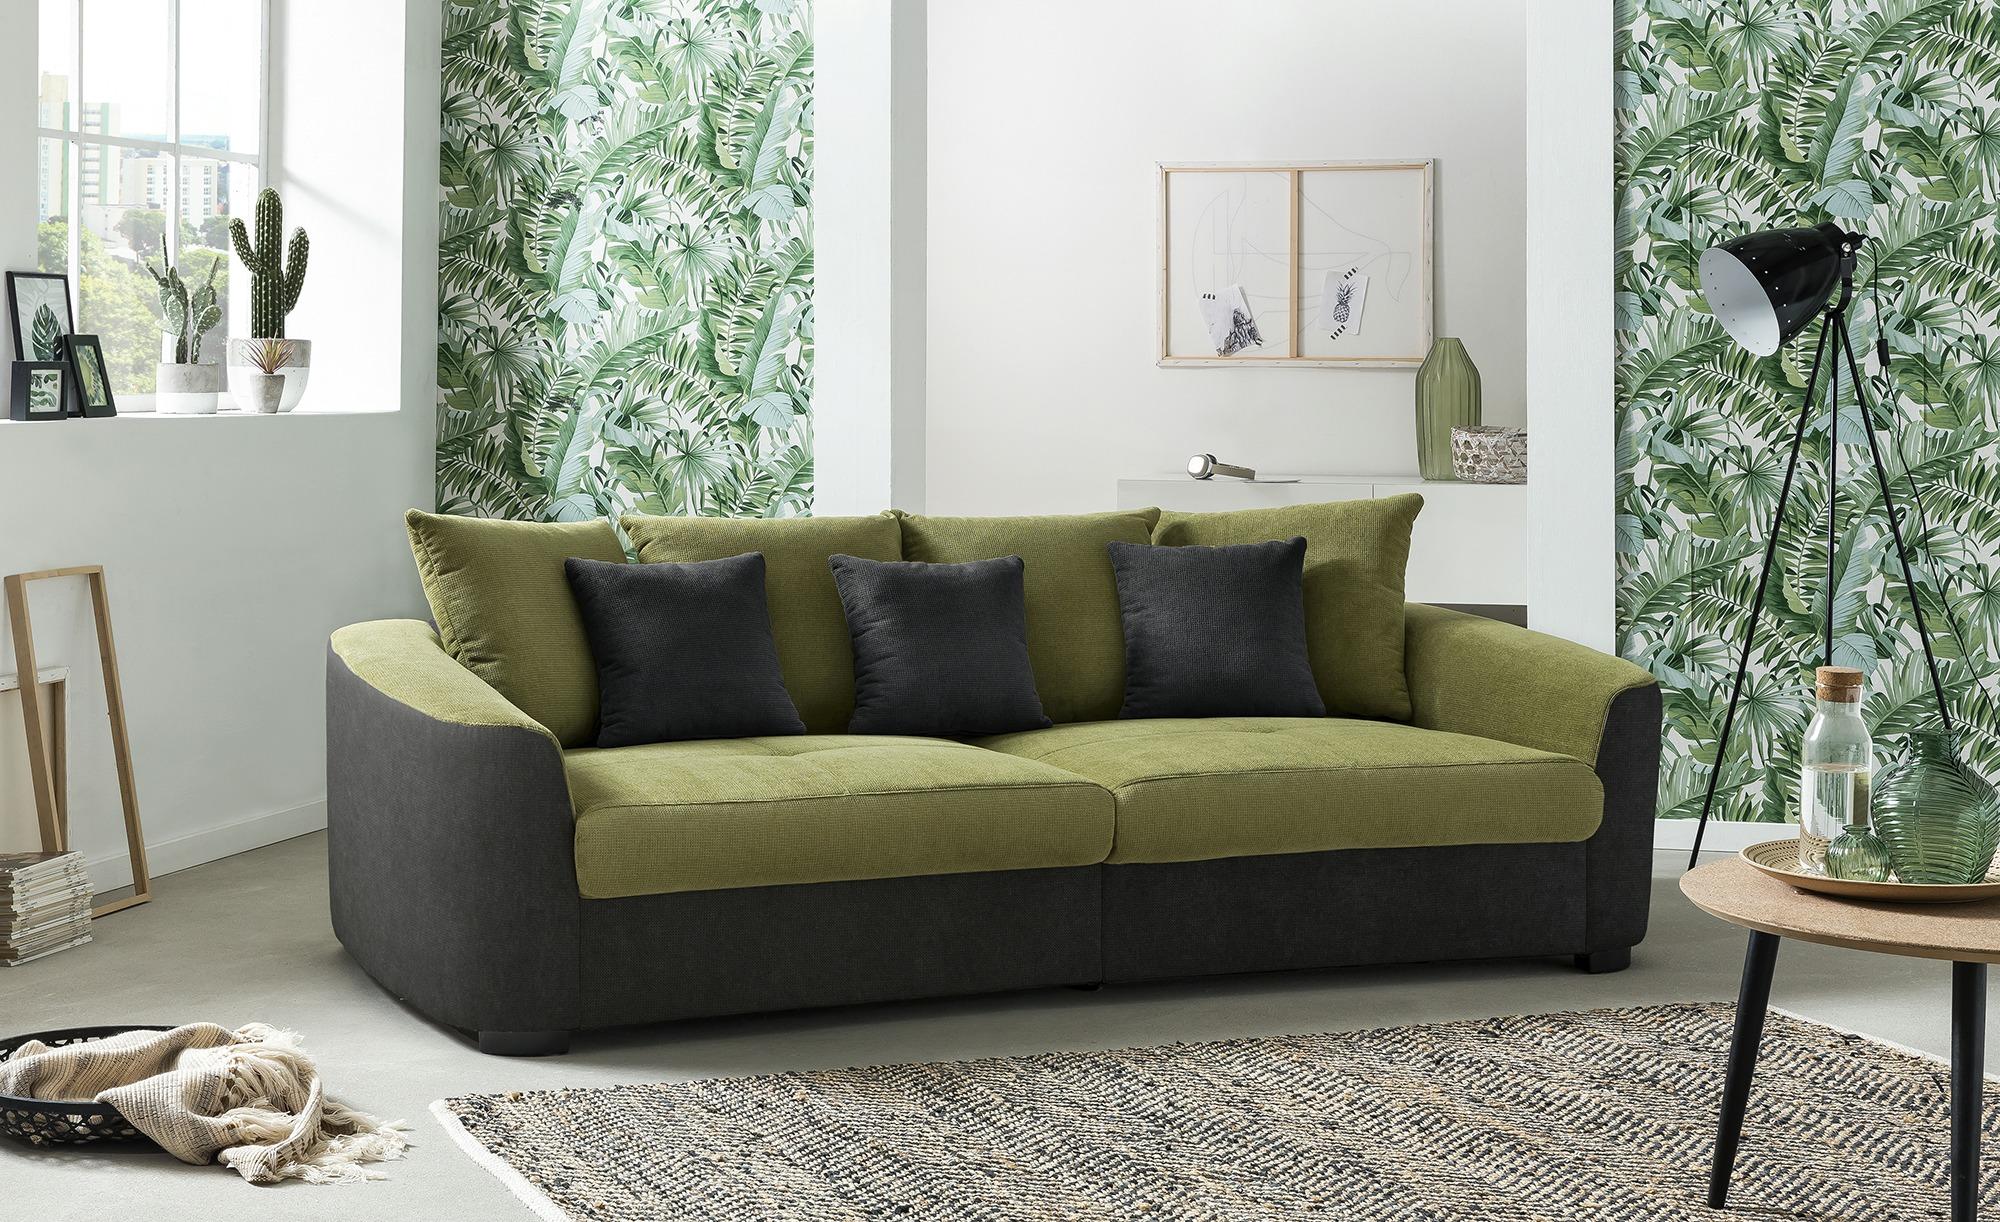 Big Sofa Selber Bauen – Caseconrad.com